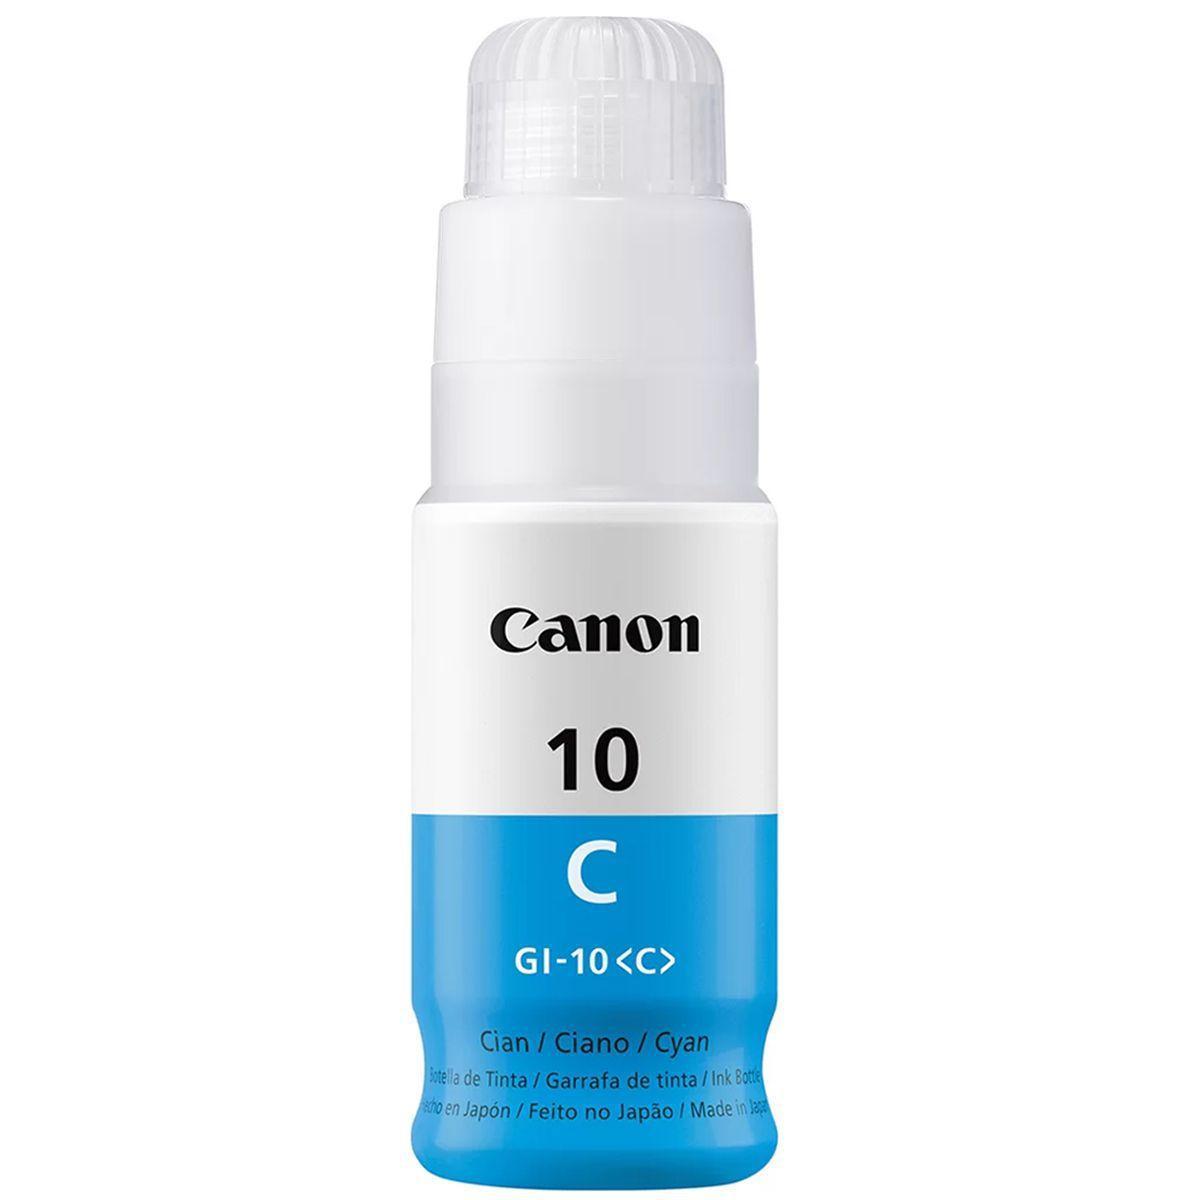 REFIL DE TINTA CANON GI 10 AZUL ORIGINAL 70 ML [ G- 6010, G- 7010, GM- 2010, GM- 4010 ]